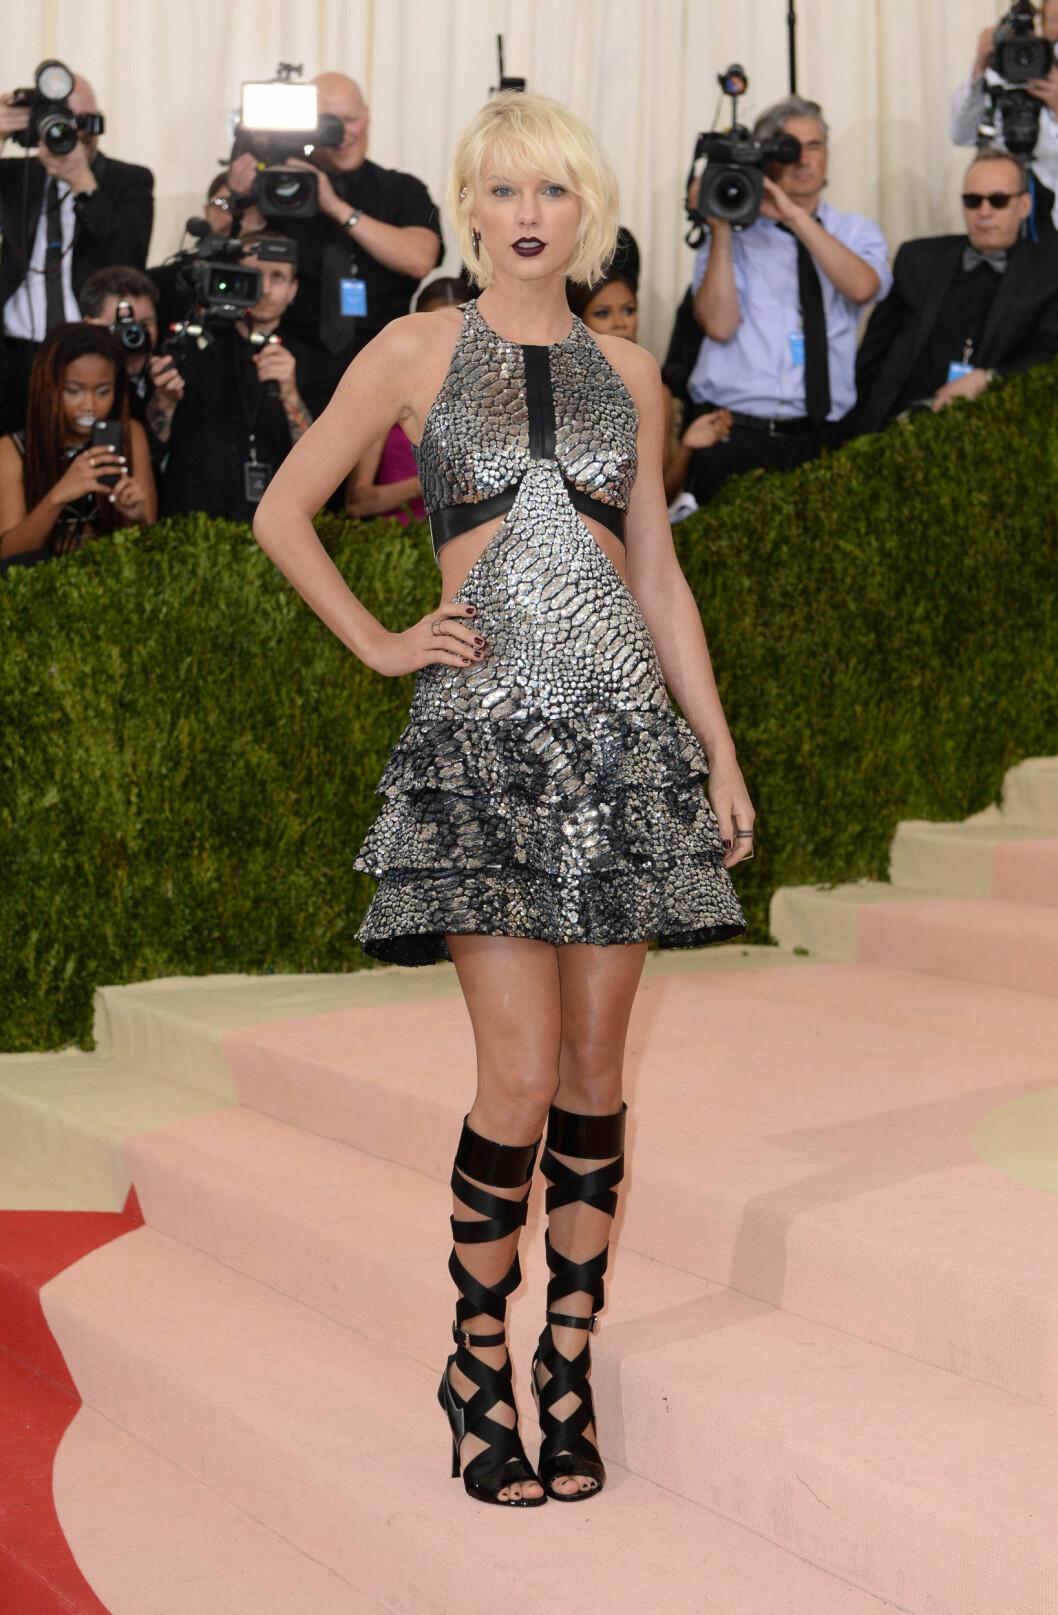 LÅRKORT: Popstjerne og Met Gala-vertinne Taylor Swift ovverasket i en metallisk minikjole med slangeprint, stylet med høye stroppesandaler.  Foto: Pa Photos